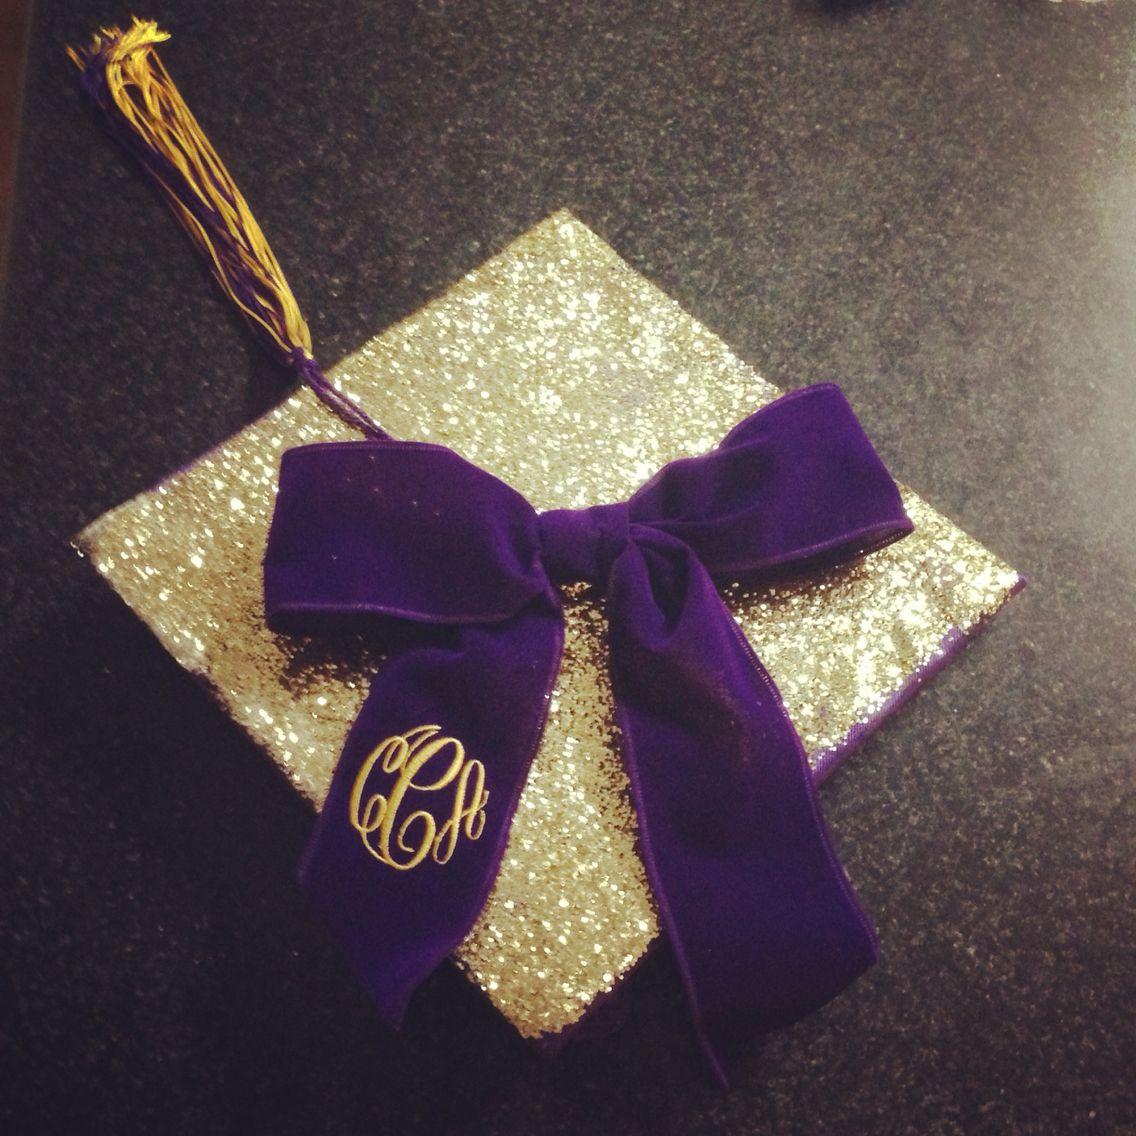 Ecu Purple And Gold Glitter Graduation Cap Pirate